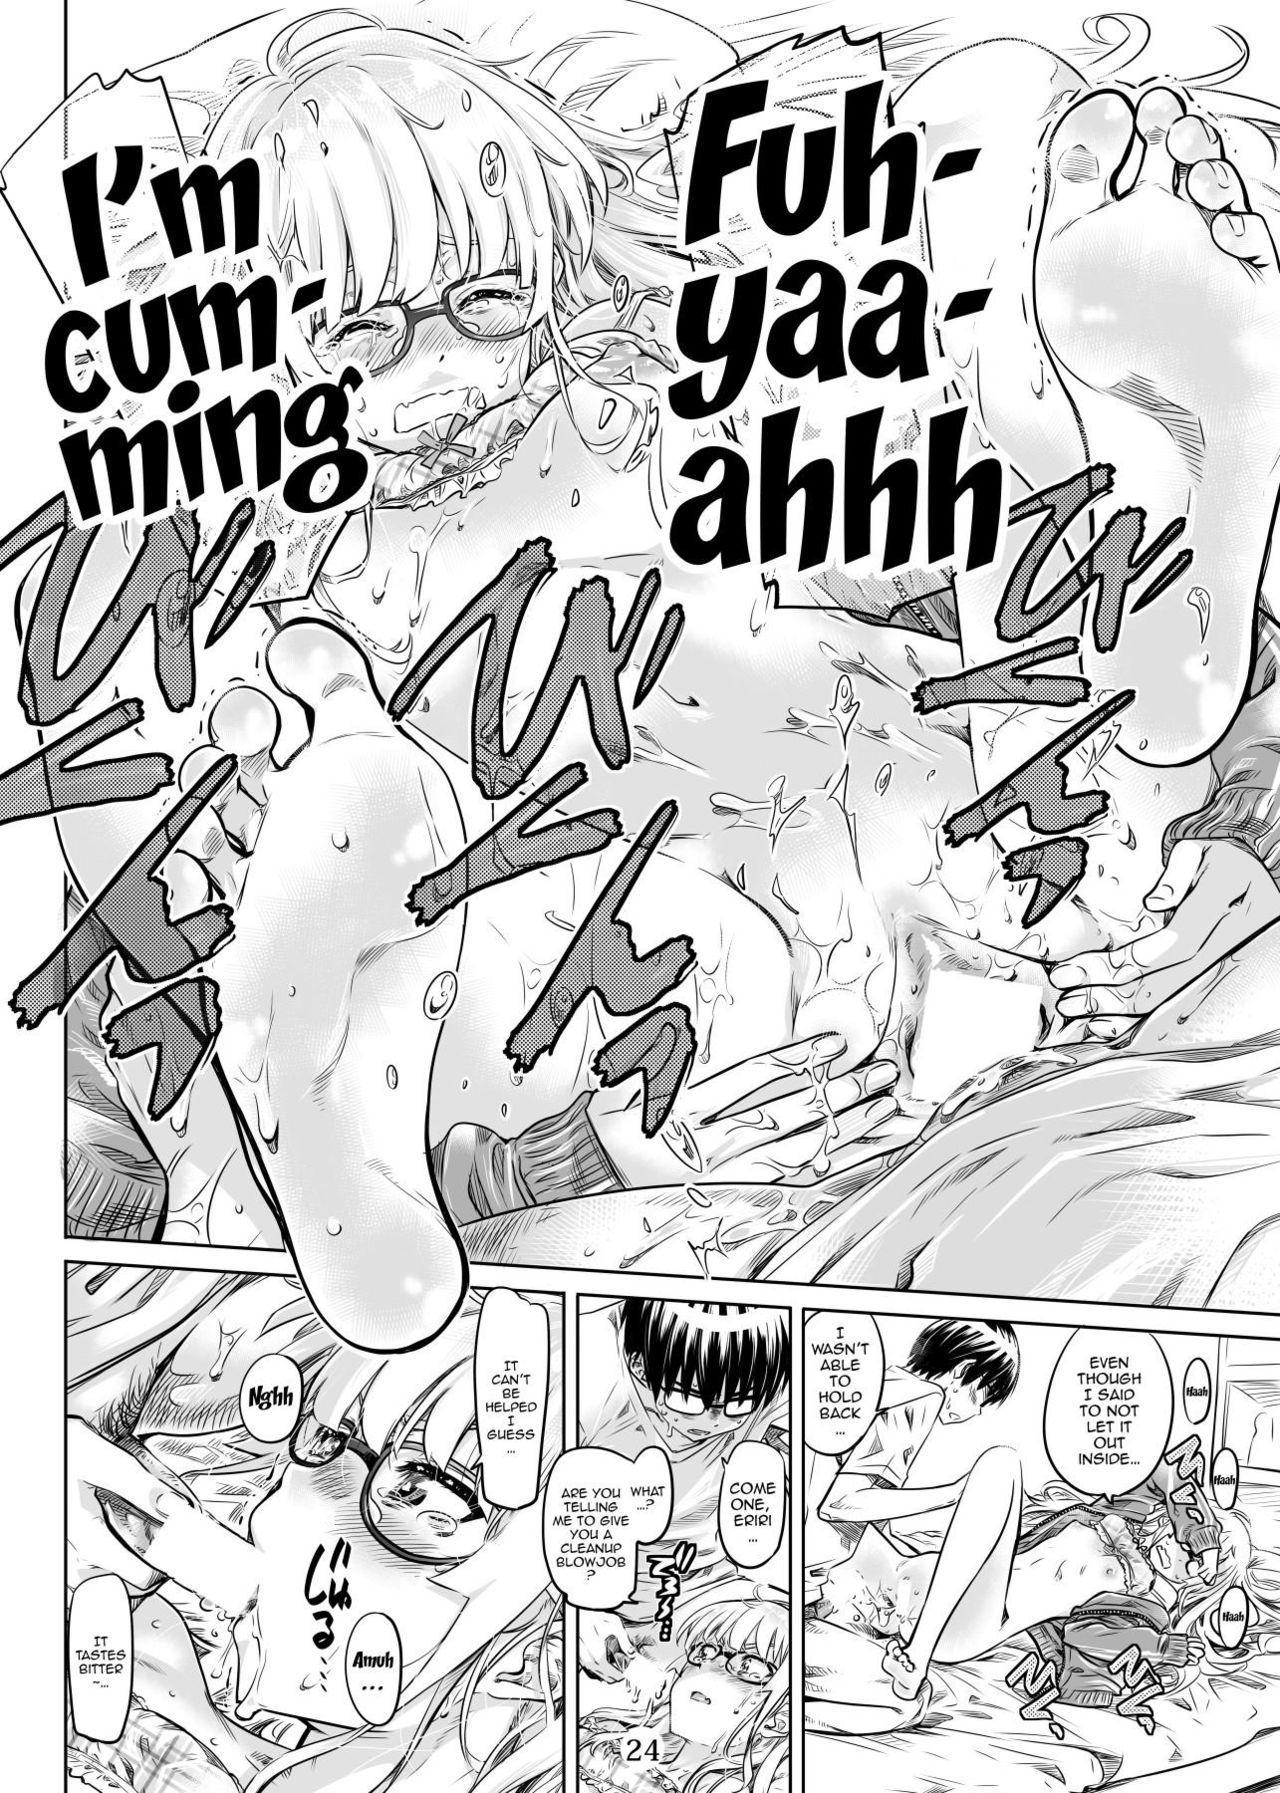 Saenai Ero Doujin Sensei no Kudokikata 22